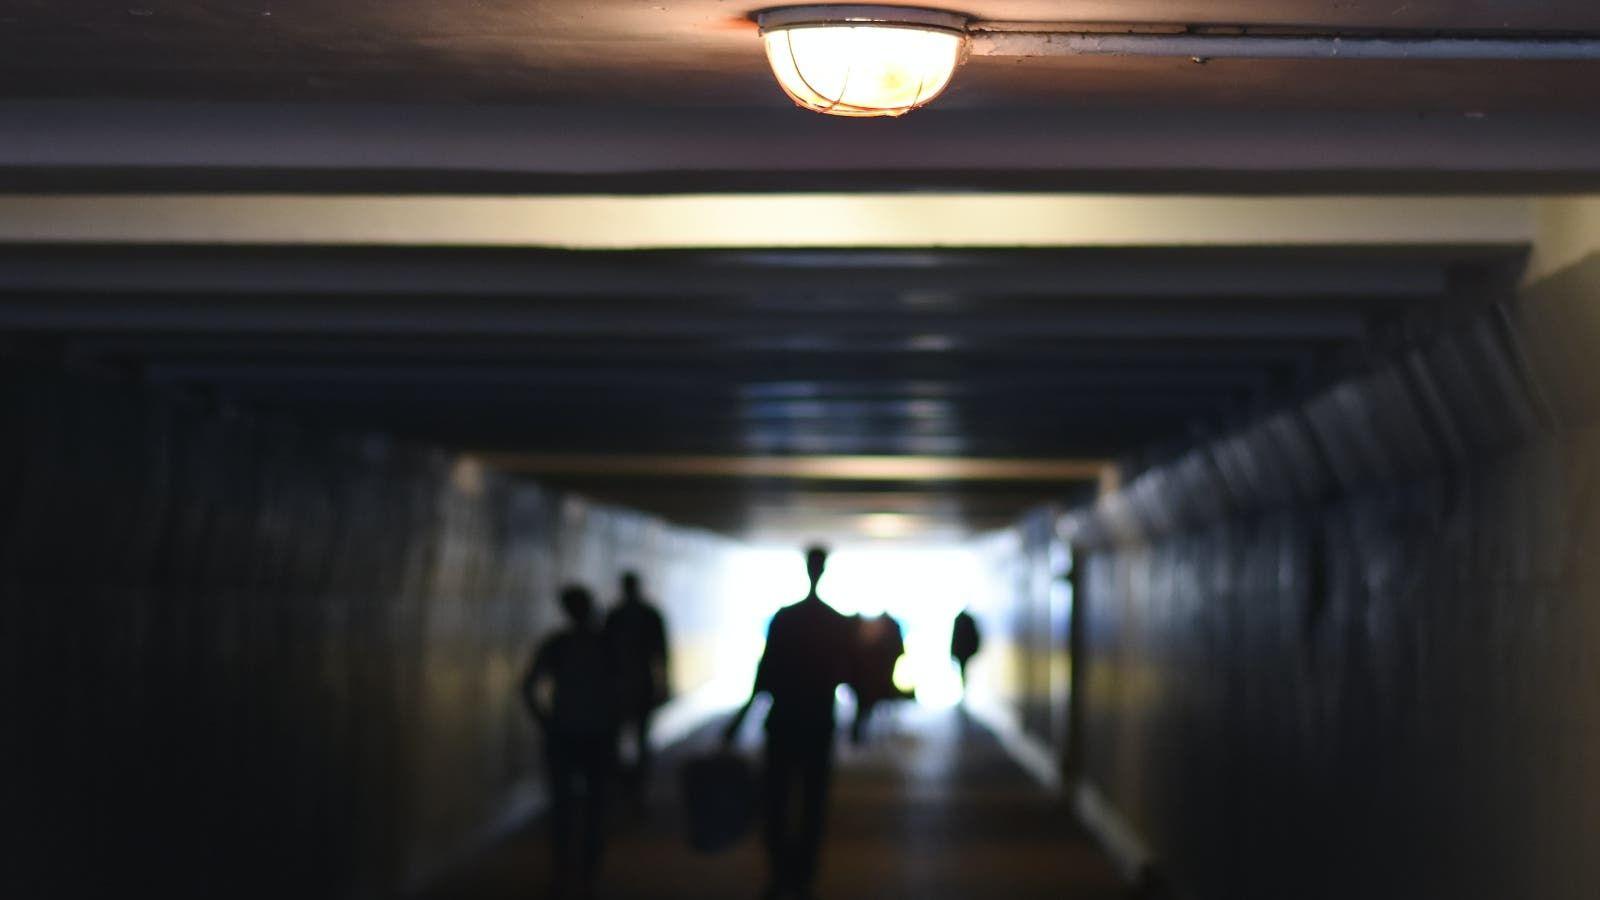 ما تفسير الحلم بممر ضيق في المنام Ceiling Lights Track Lighting Decor